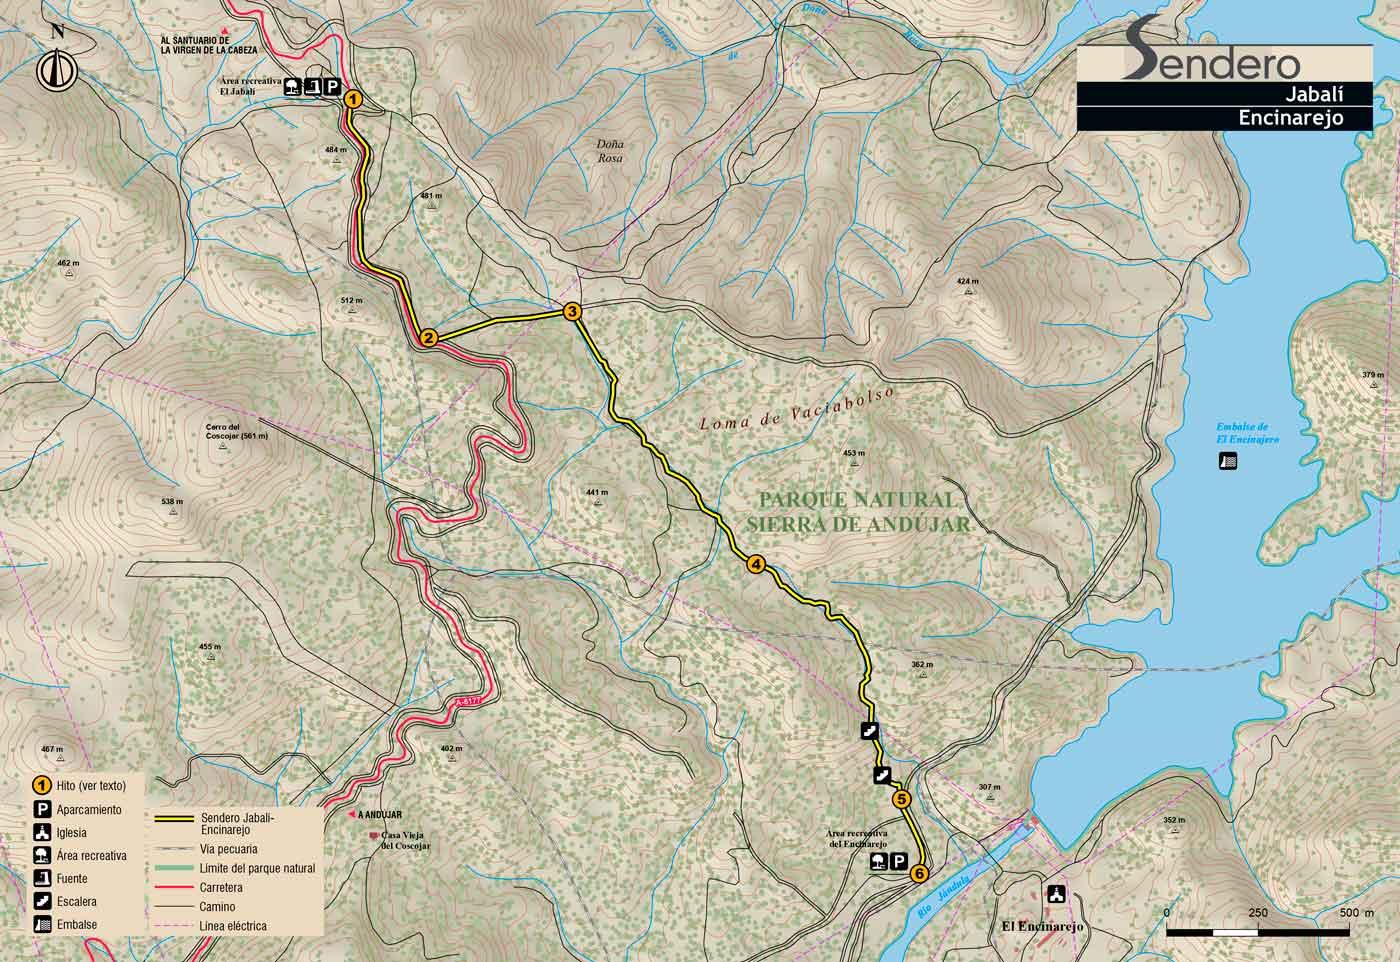 ruta-sierra-de-ANDUJAR-Jabali_Encinarejo